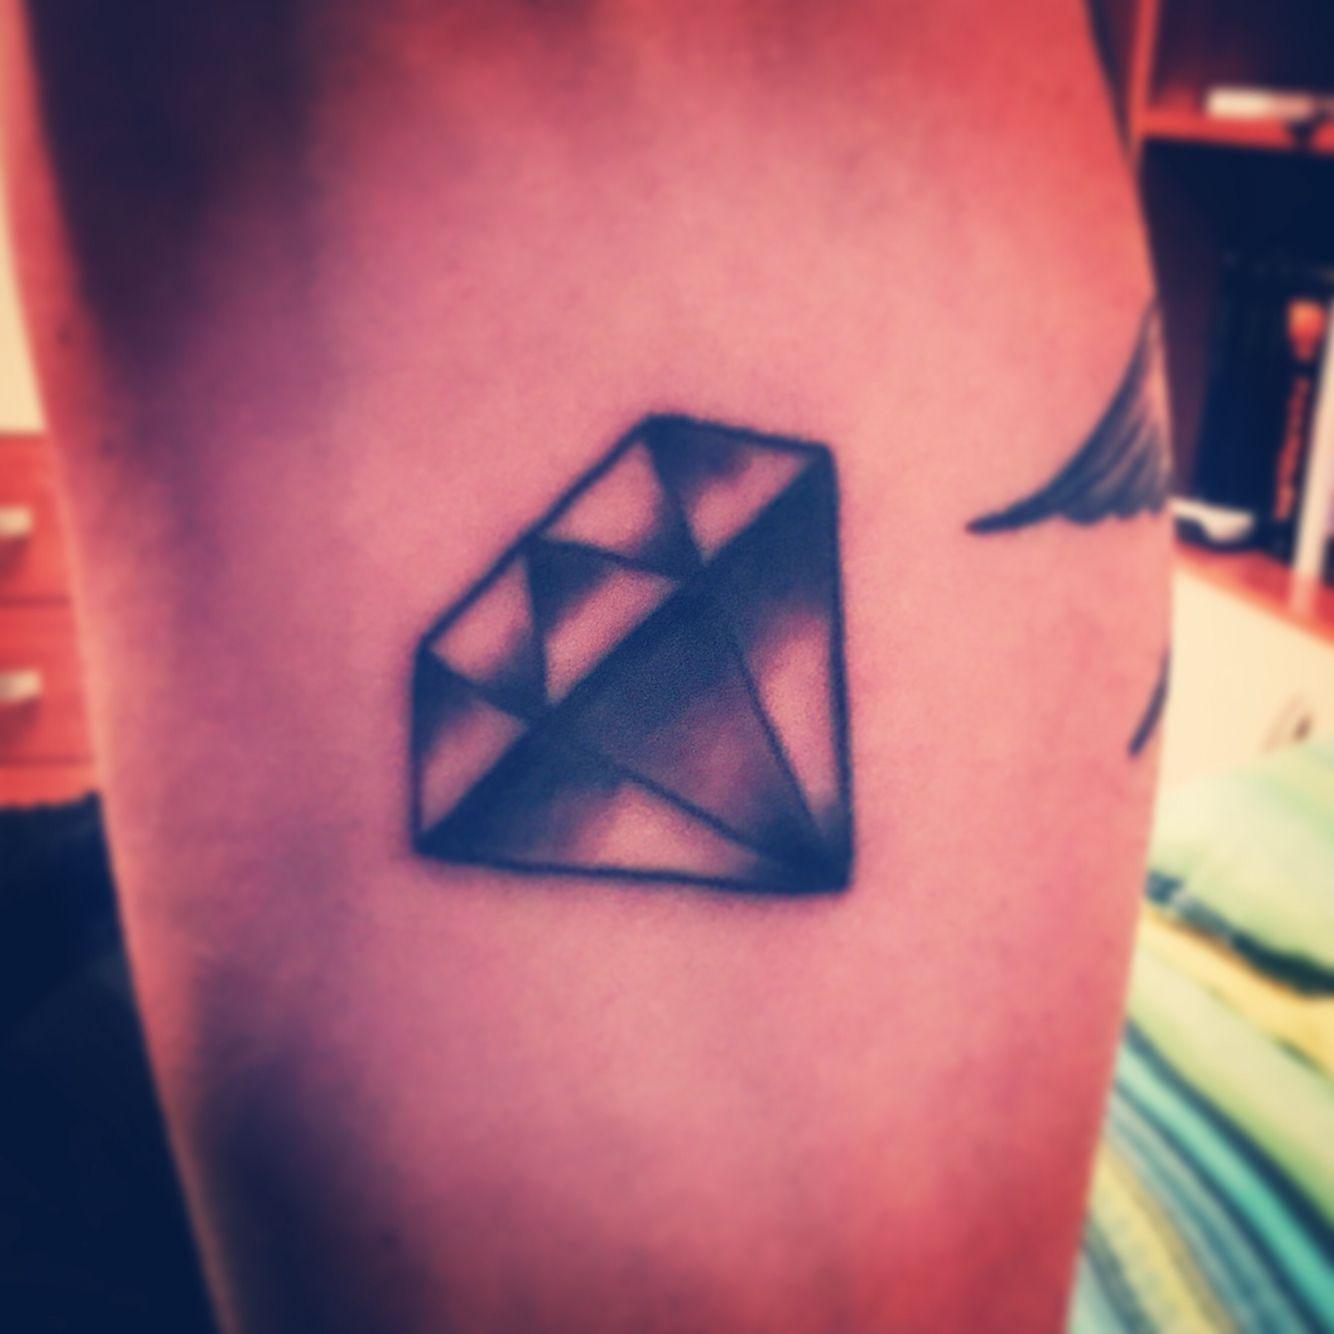 #SixInk #diamond #tatoo